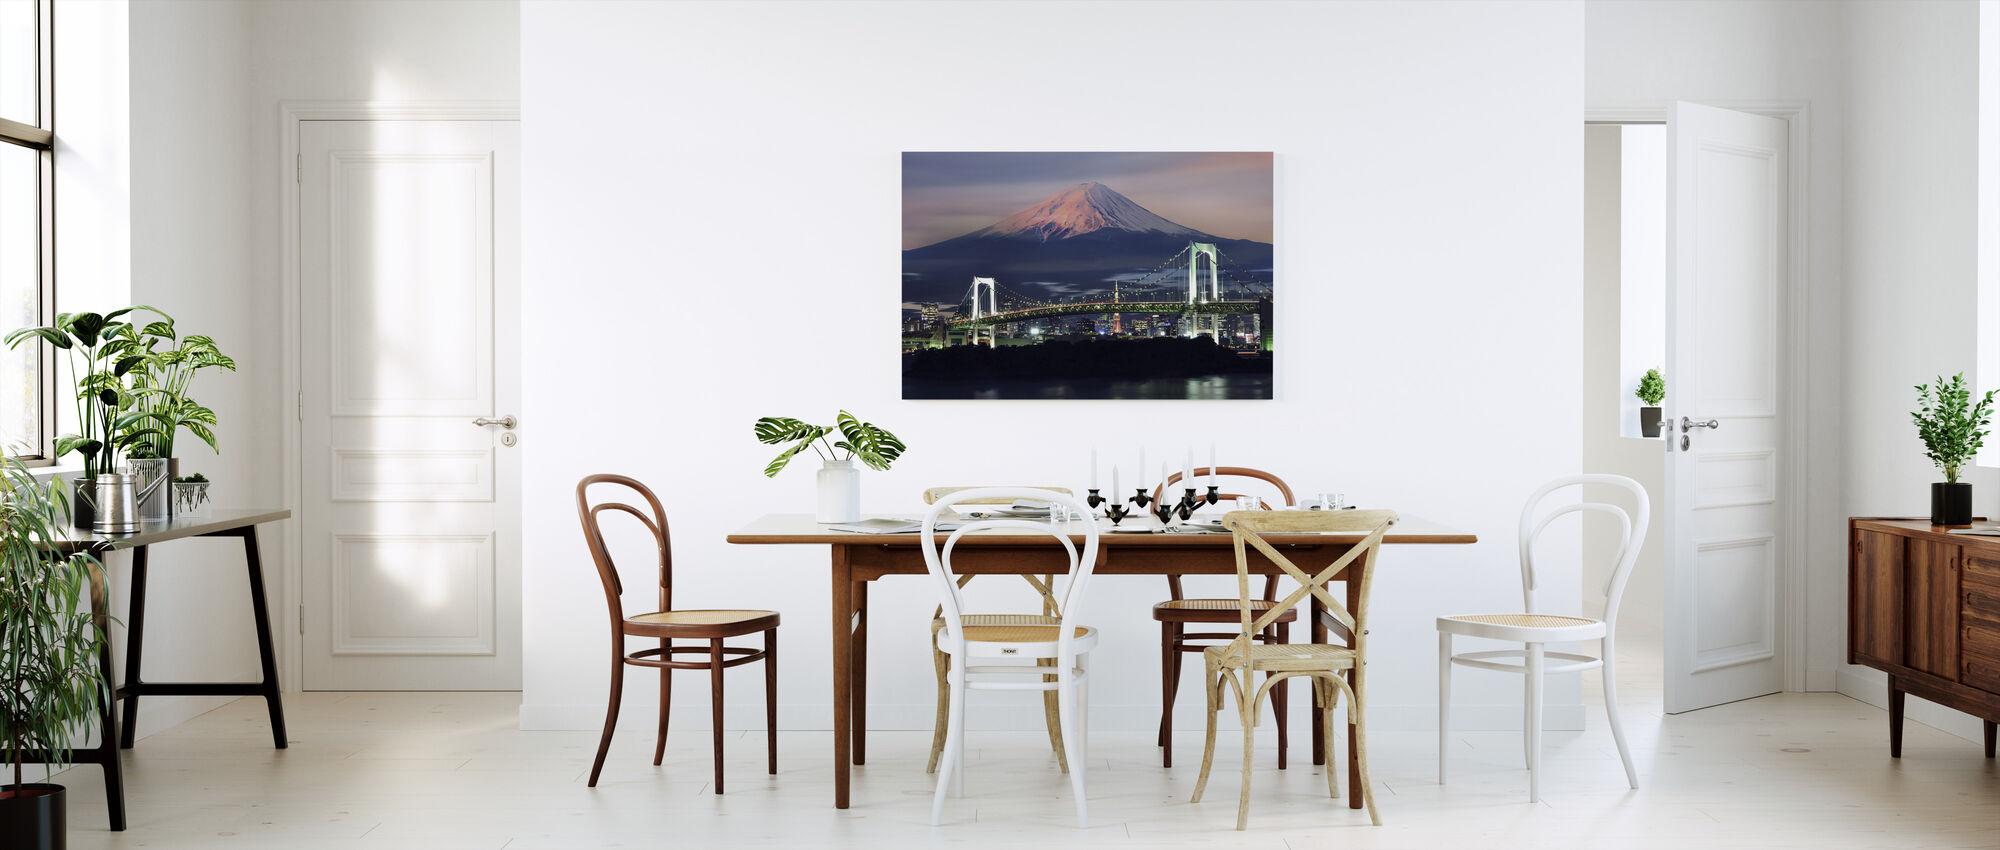 Rainbow Bridge with Mt Fuji - Canvas print - Kitchen